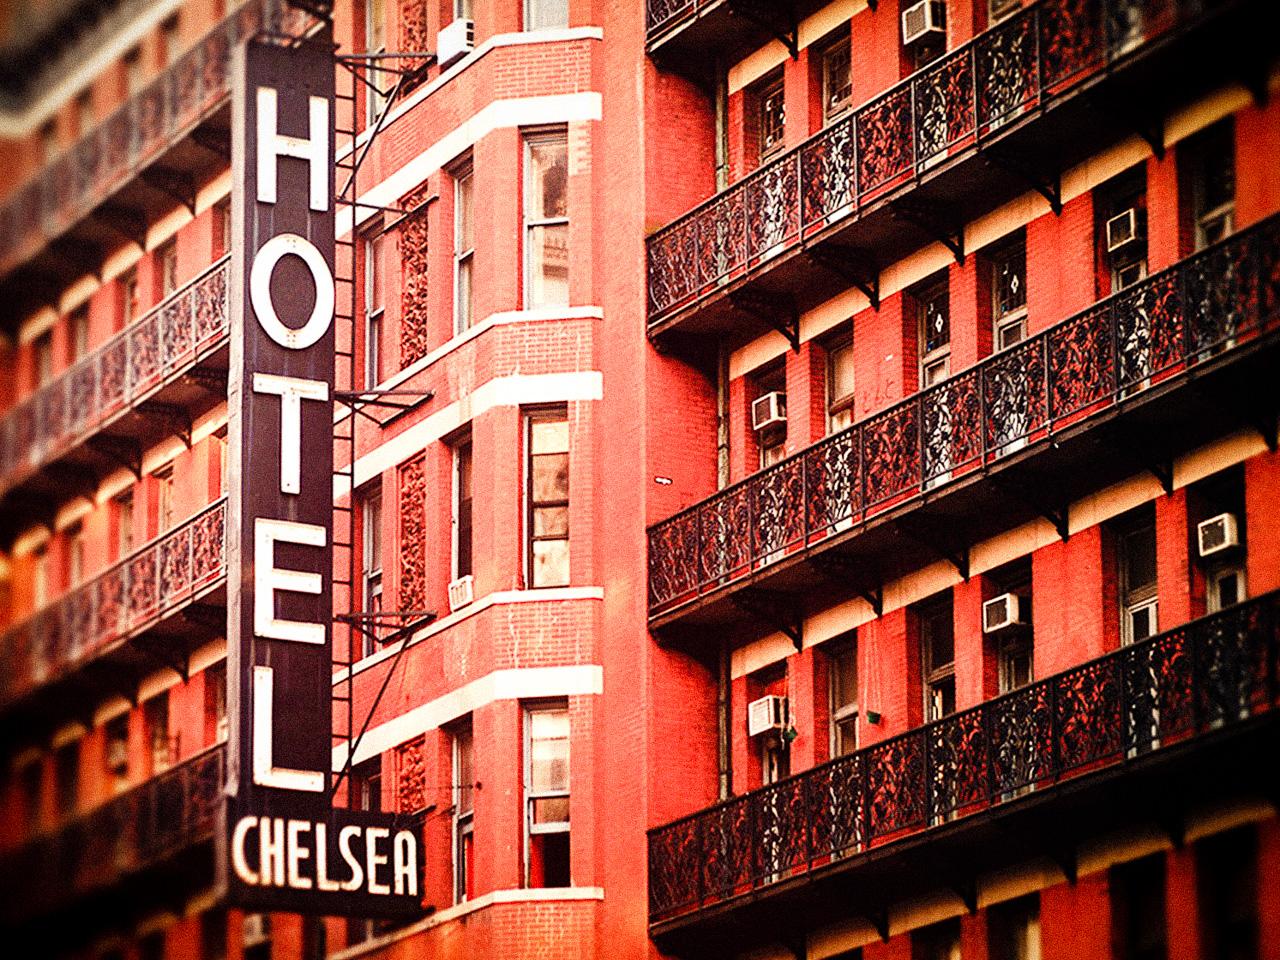 hotelchelsea_9548596679